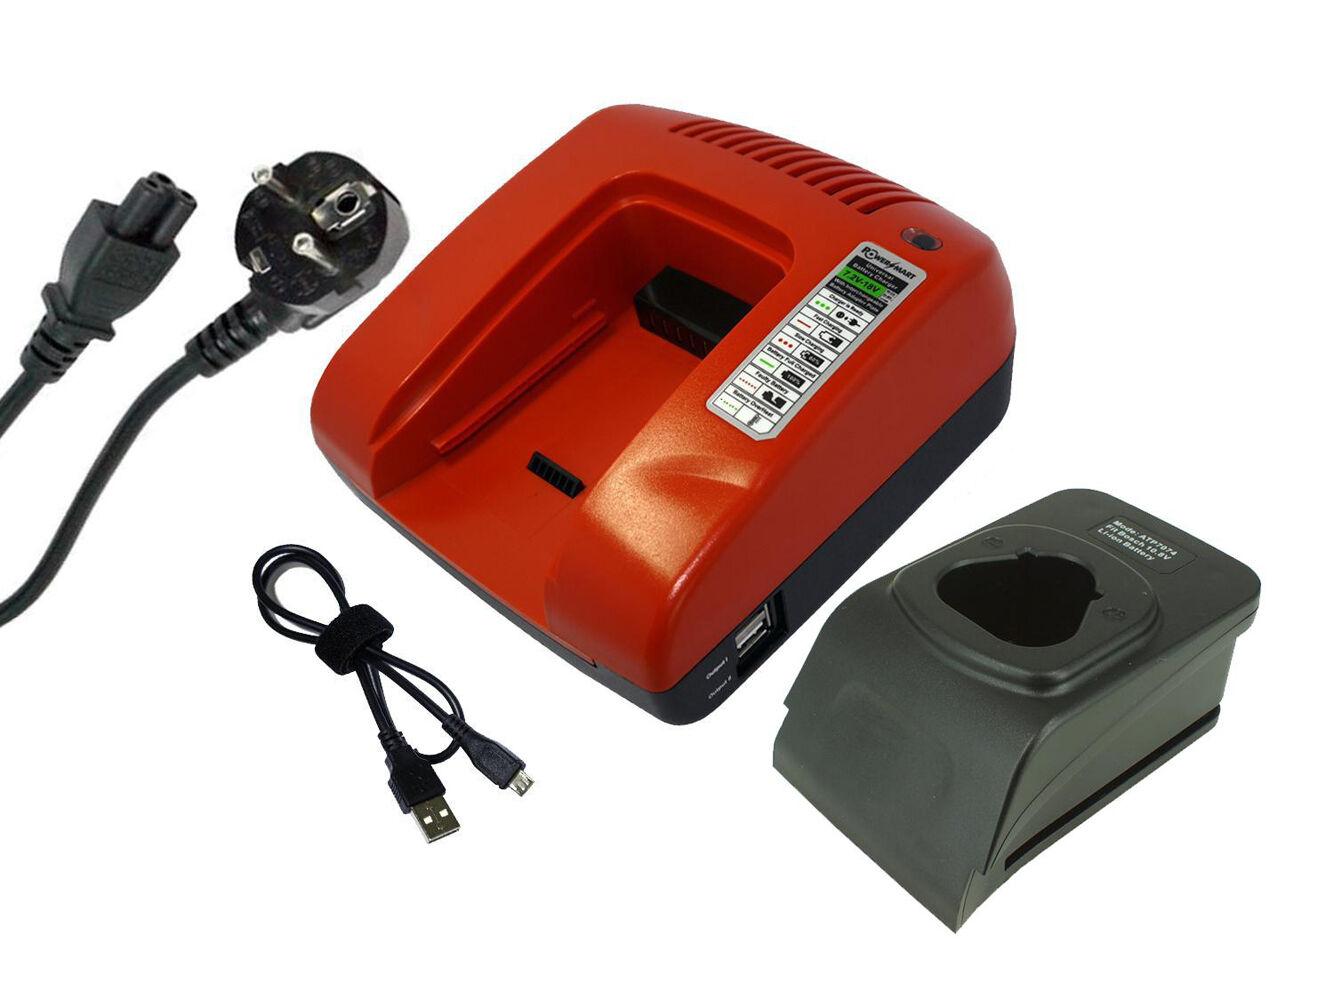 10.8V Ladegerät für Bosch CLPK31-120, CLPK41-120, FL10,GDR 10.8-LI, GMF 10.8 V-L